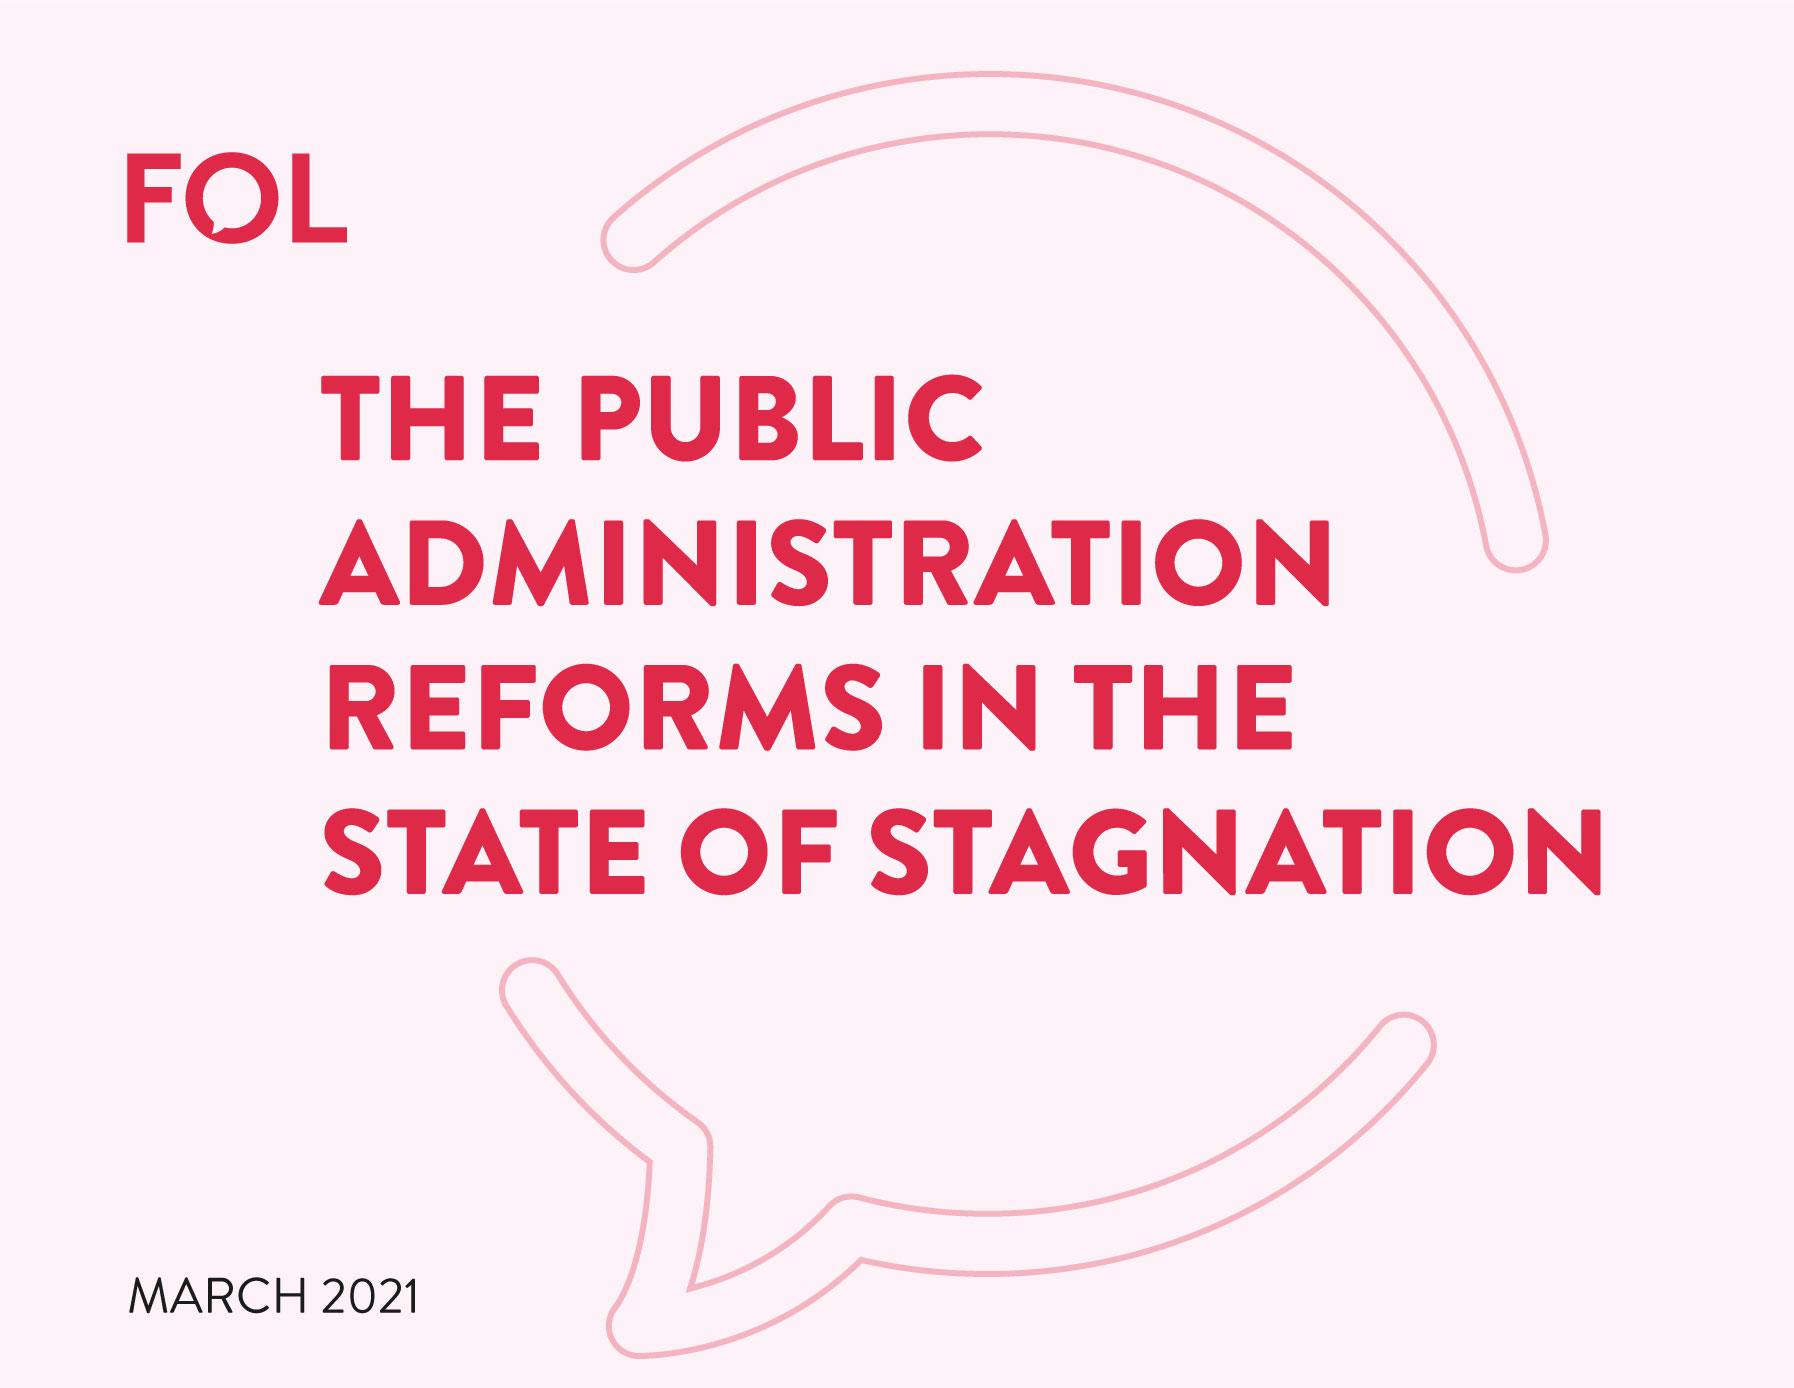 Reformat e administratës publike në gjendjen e stagnimit